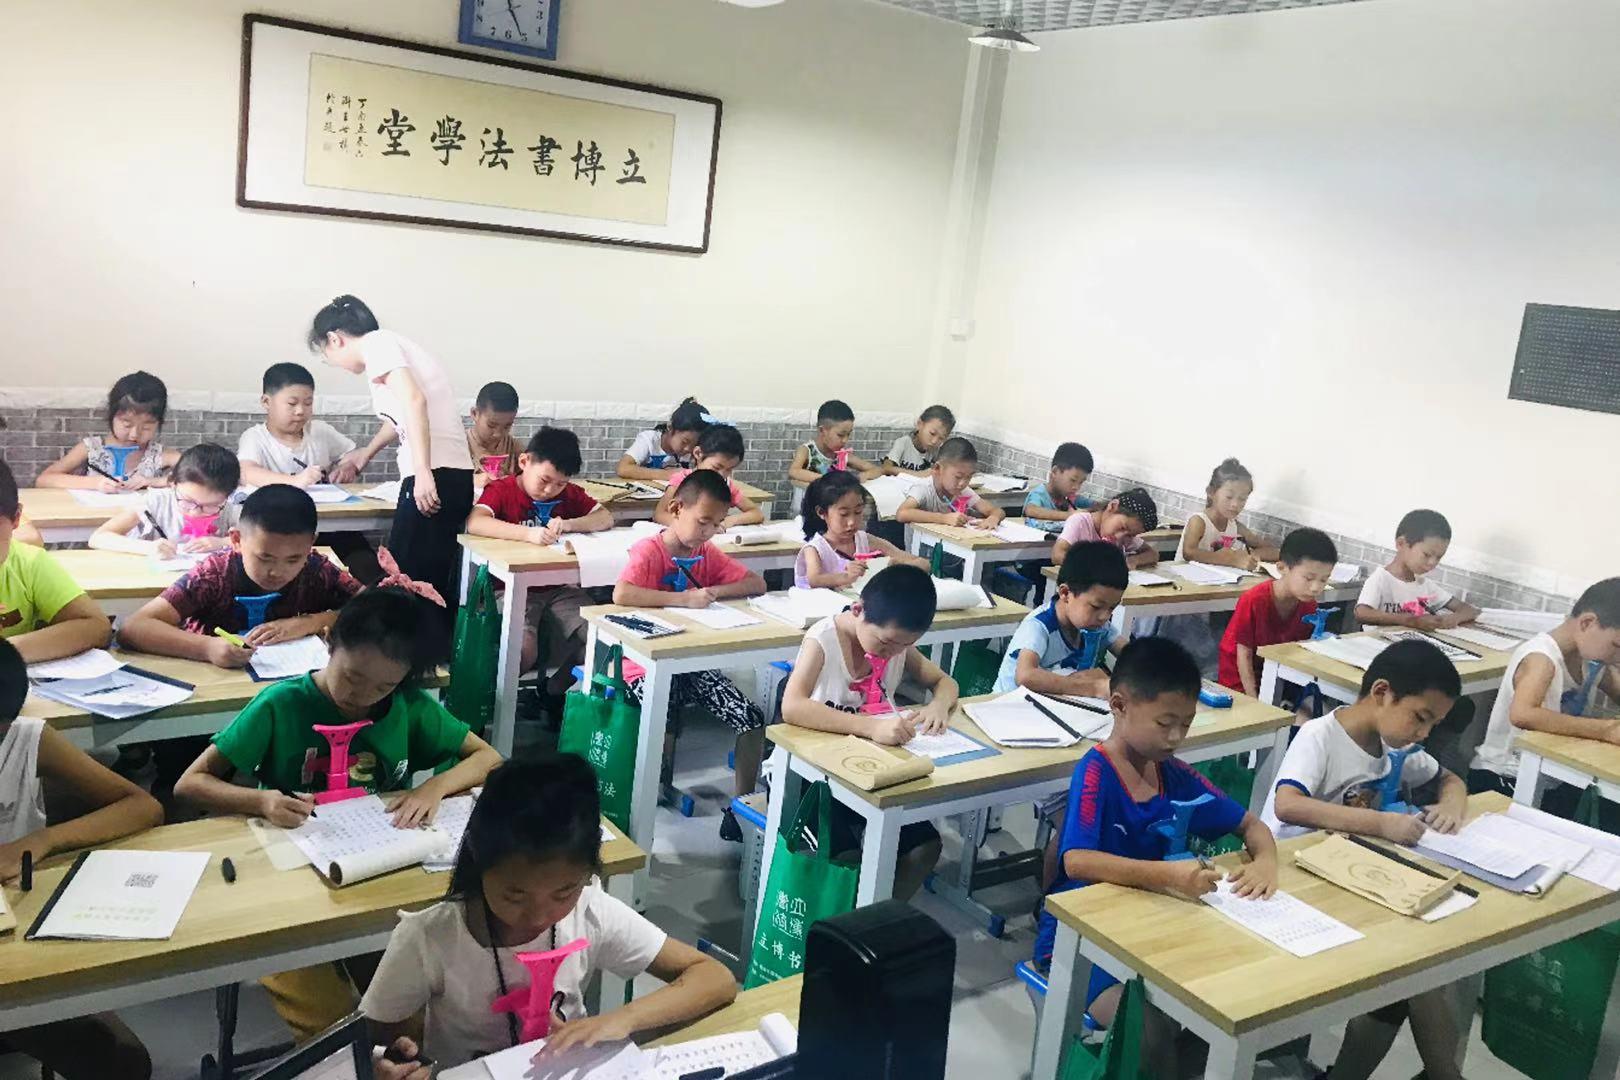 立博书法培训学校